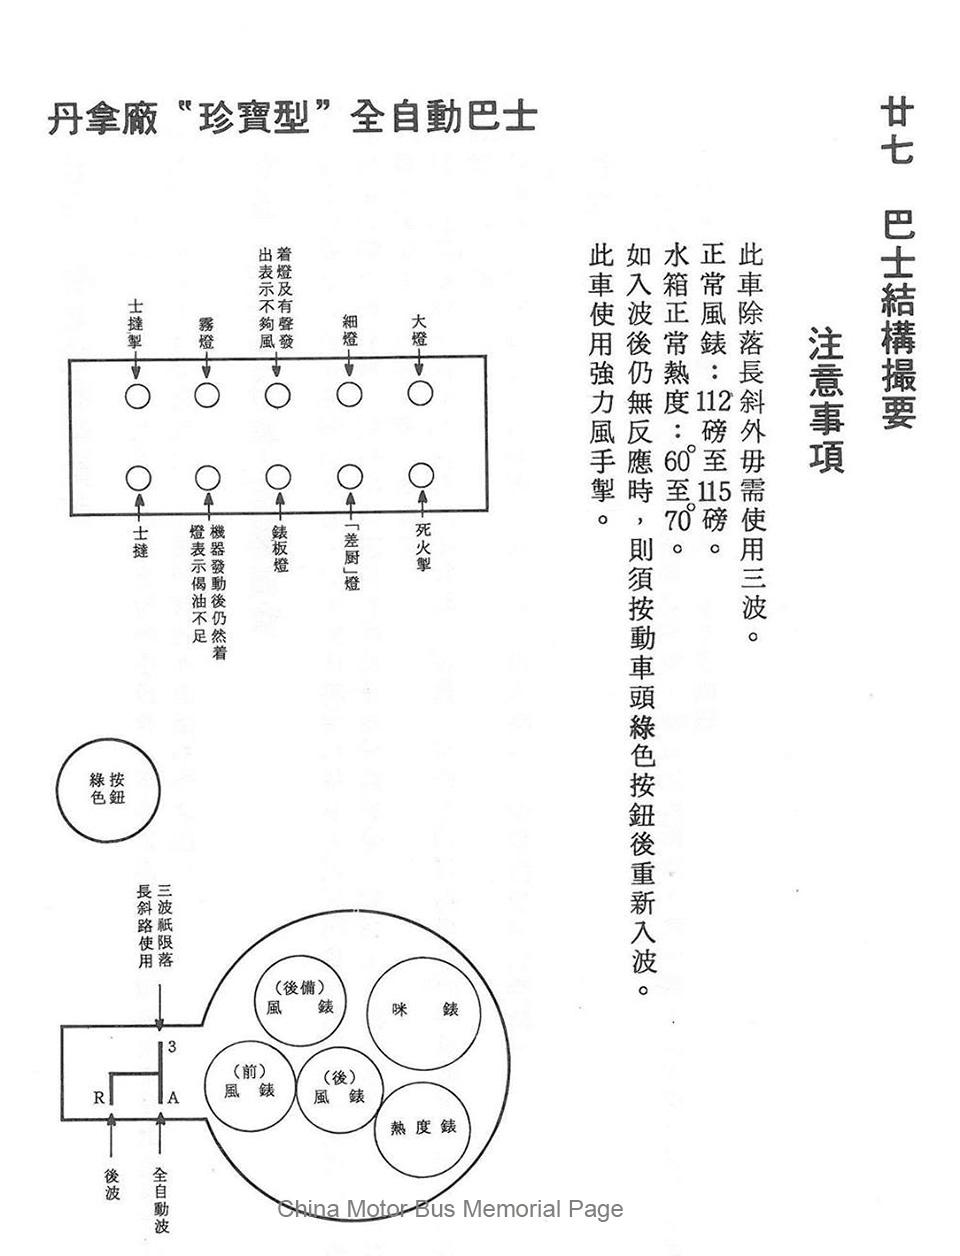 1980_drivertrainingmanual_1A